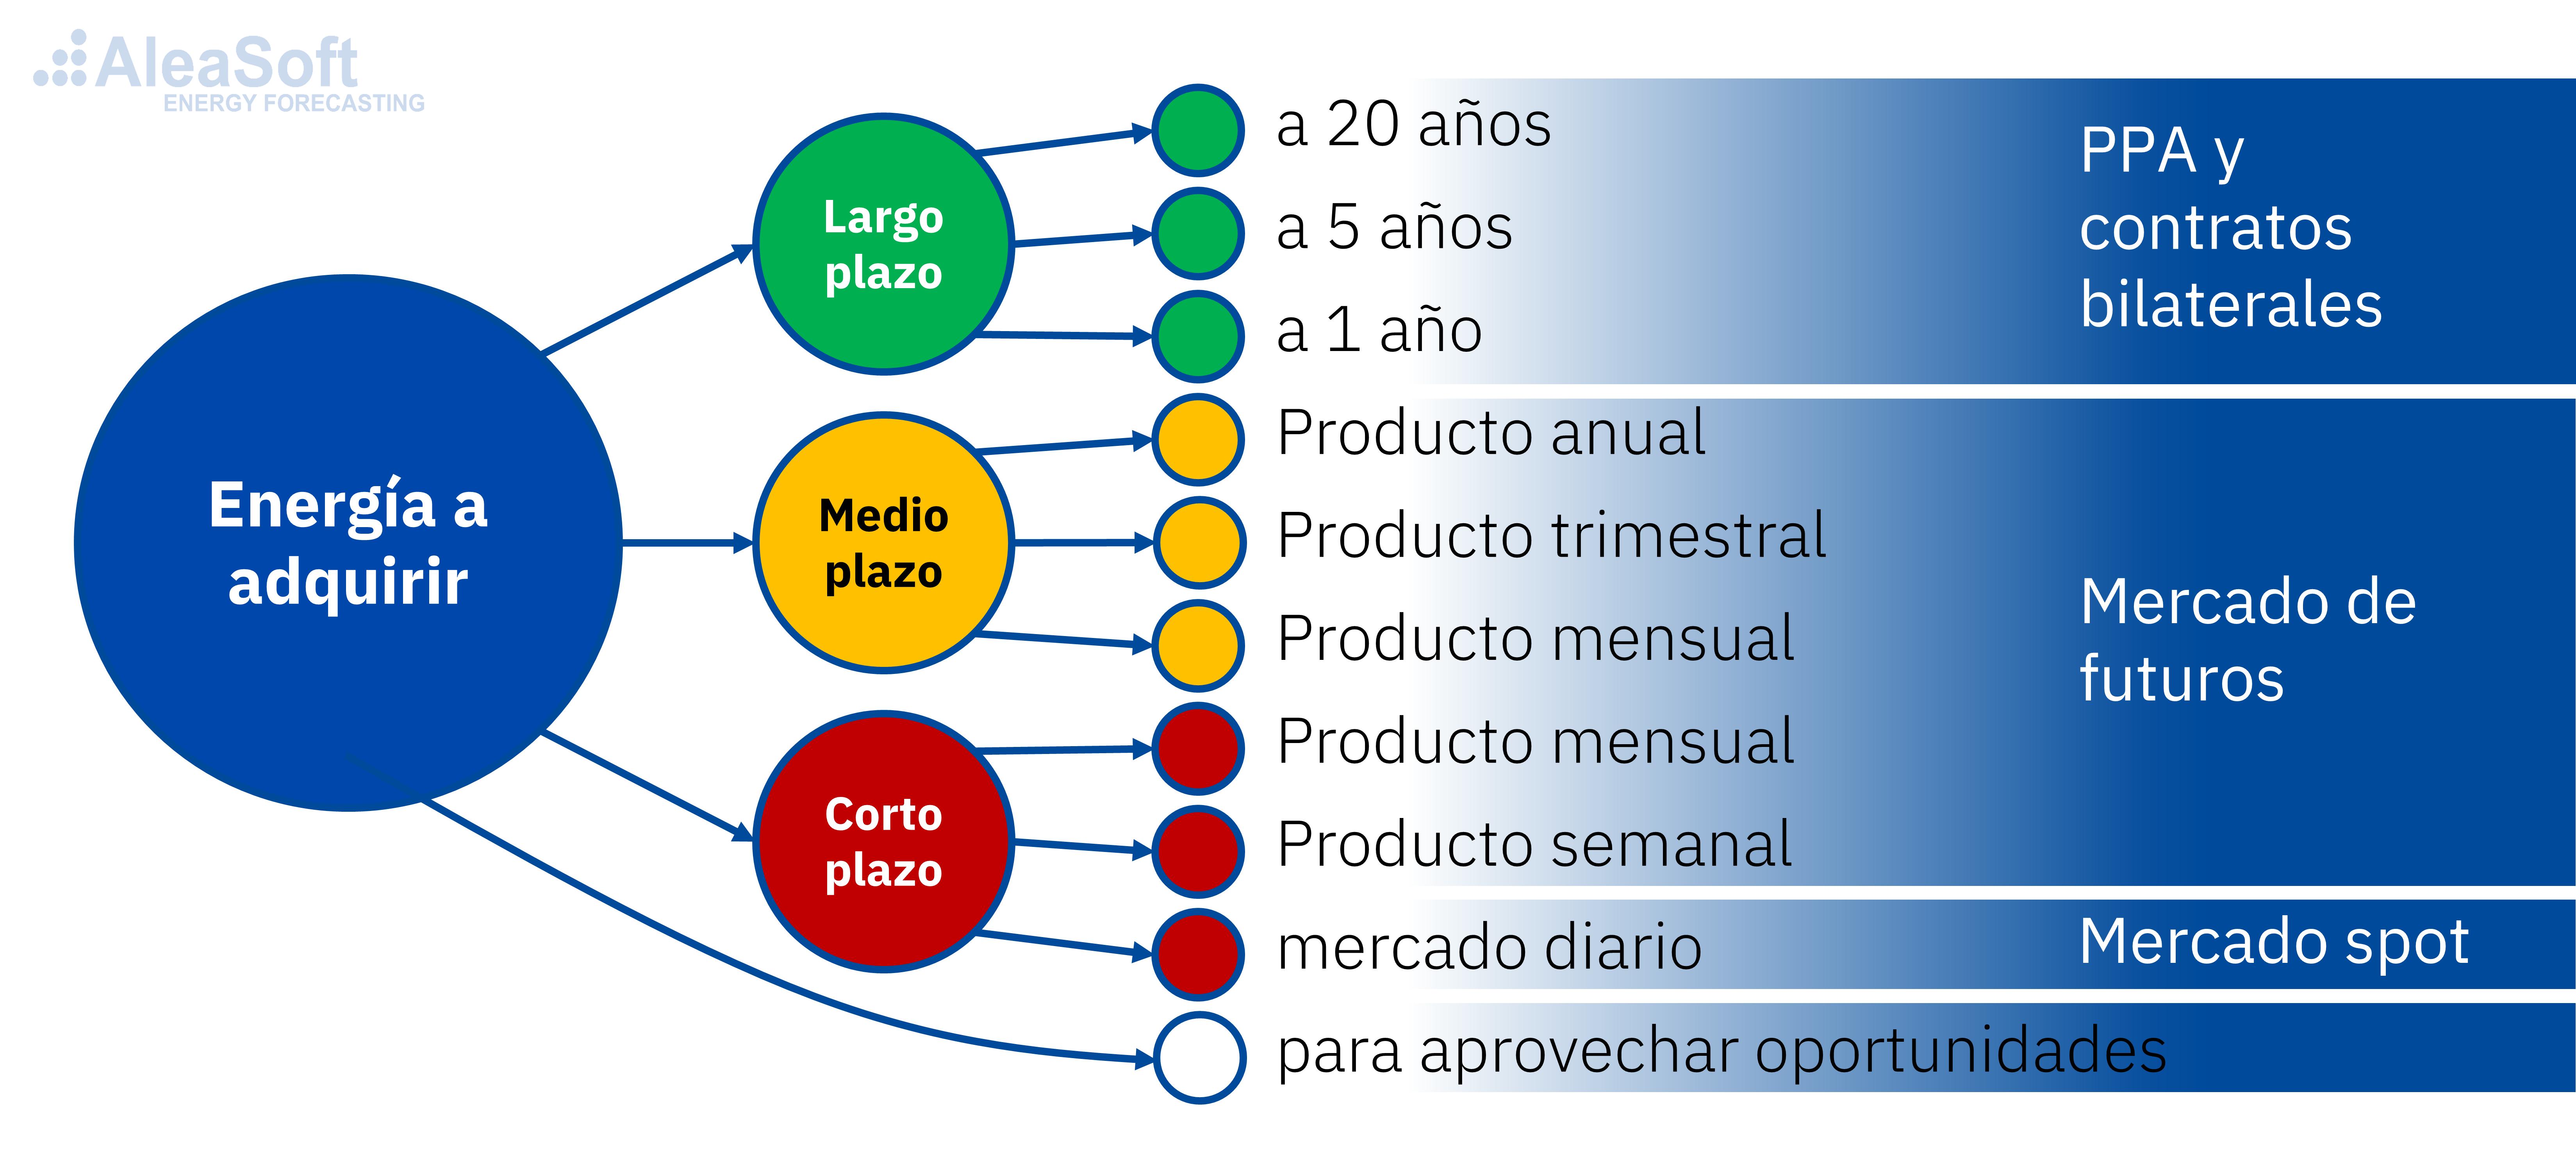 AleaSoft - Estraregia diversificacion compra energia electricidad